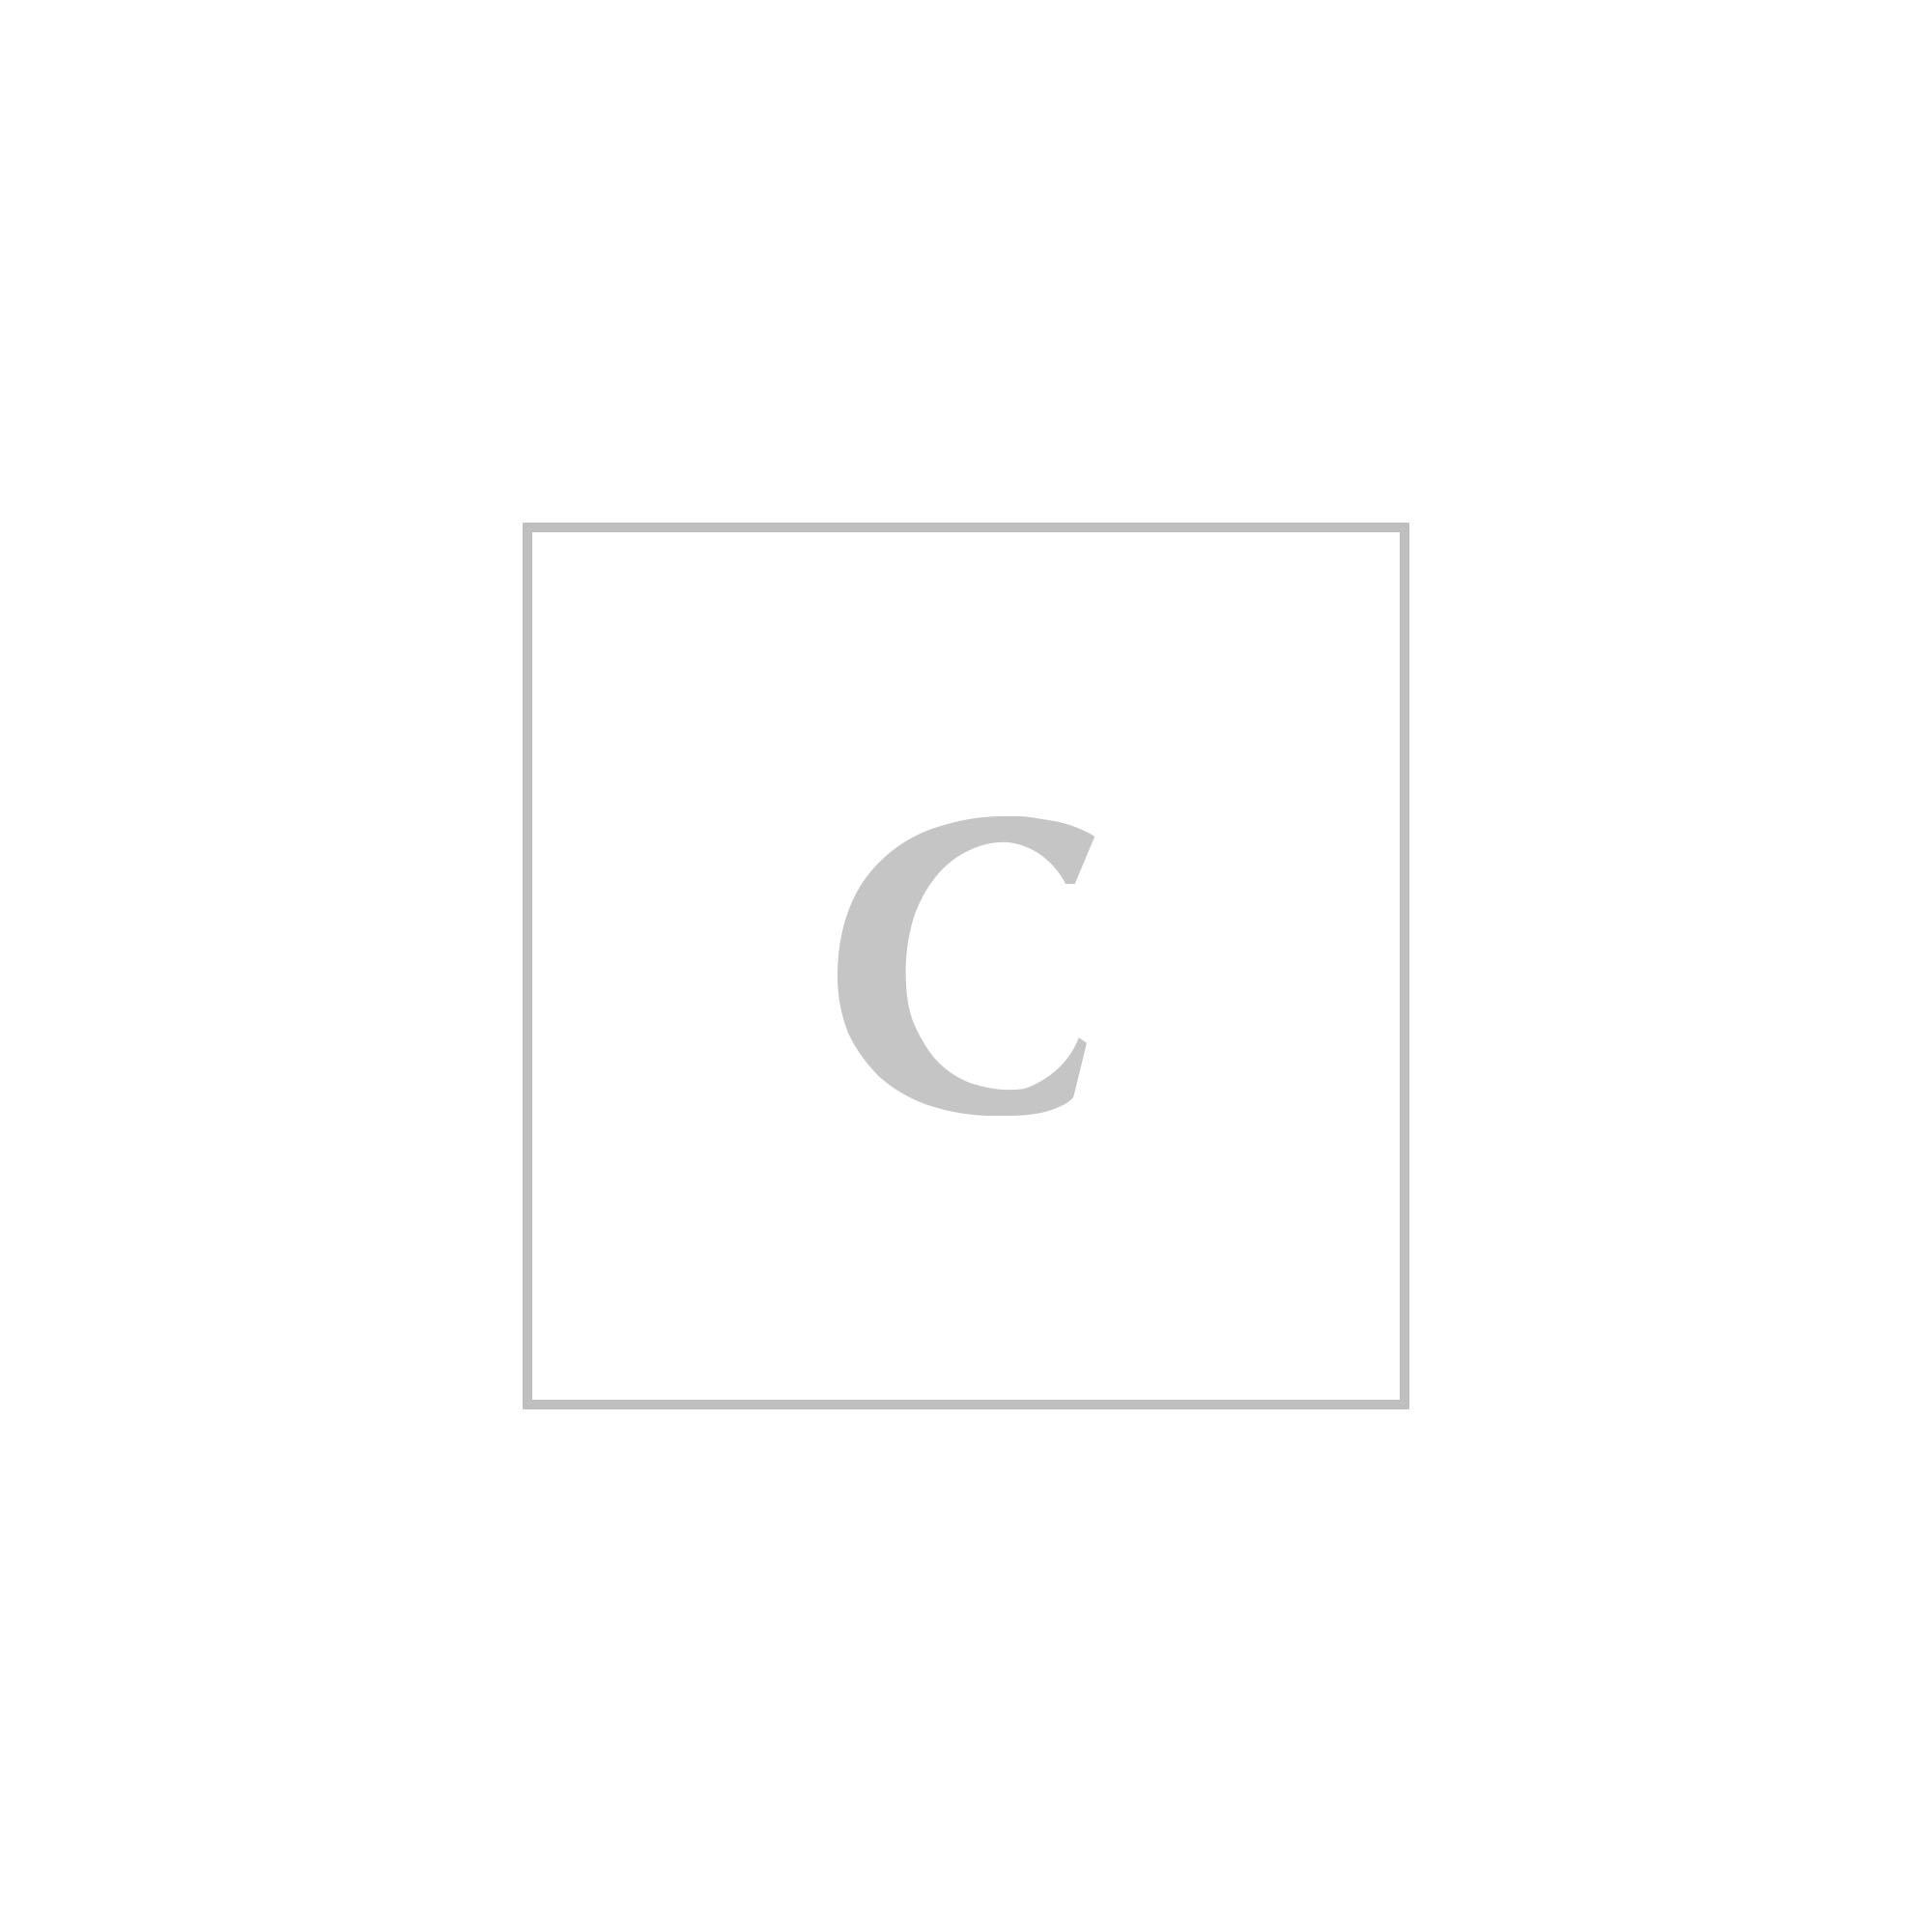 Moncler giubbotto santiago